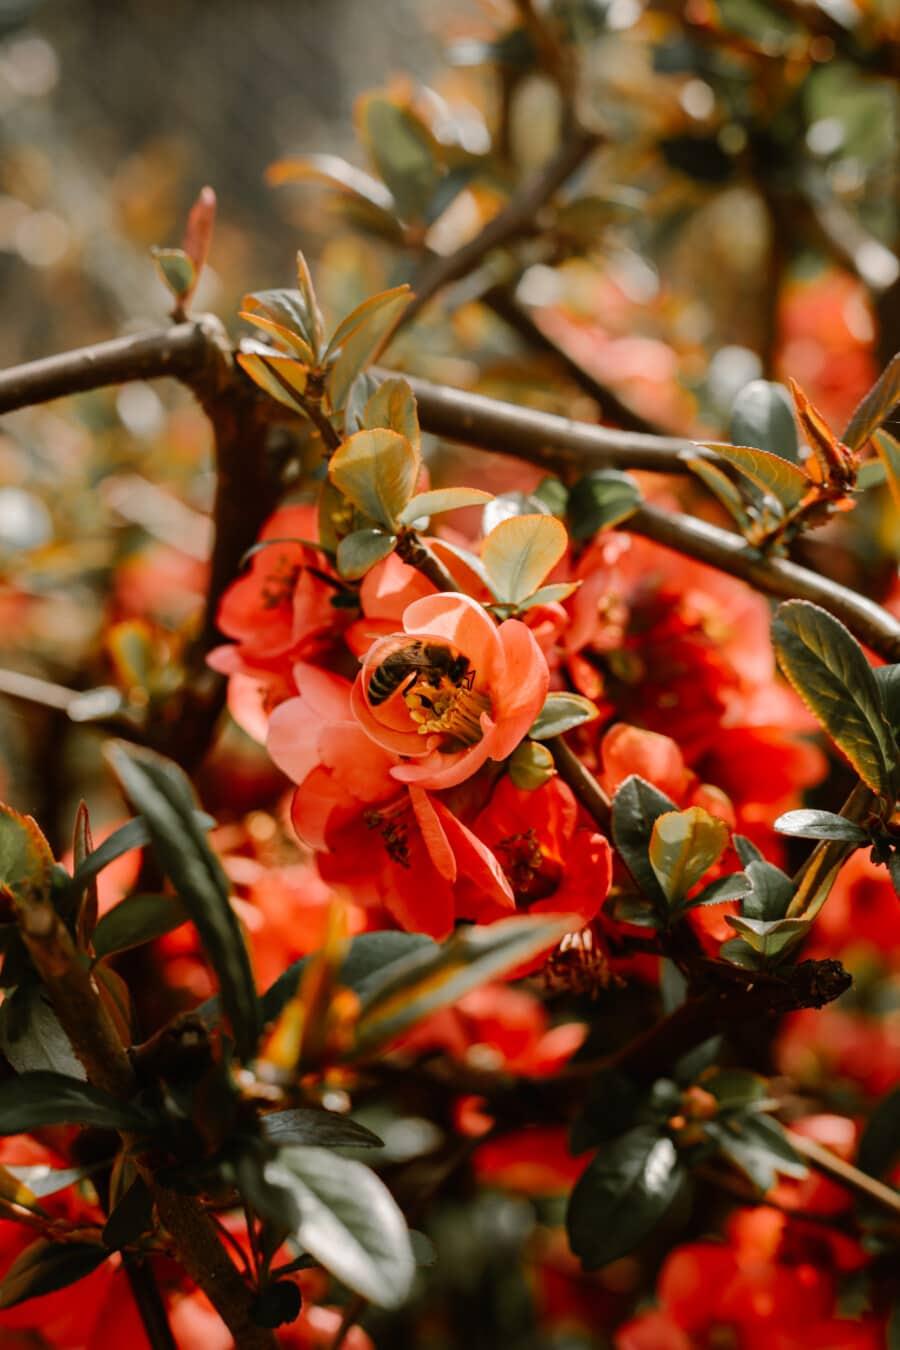 Strauch, Geäst, Blüte, Frühling, Honigbiene, Anlage, Blatt, Natur, Blume, Ast